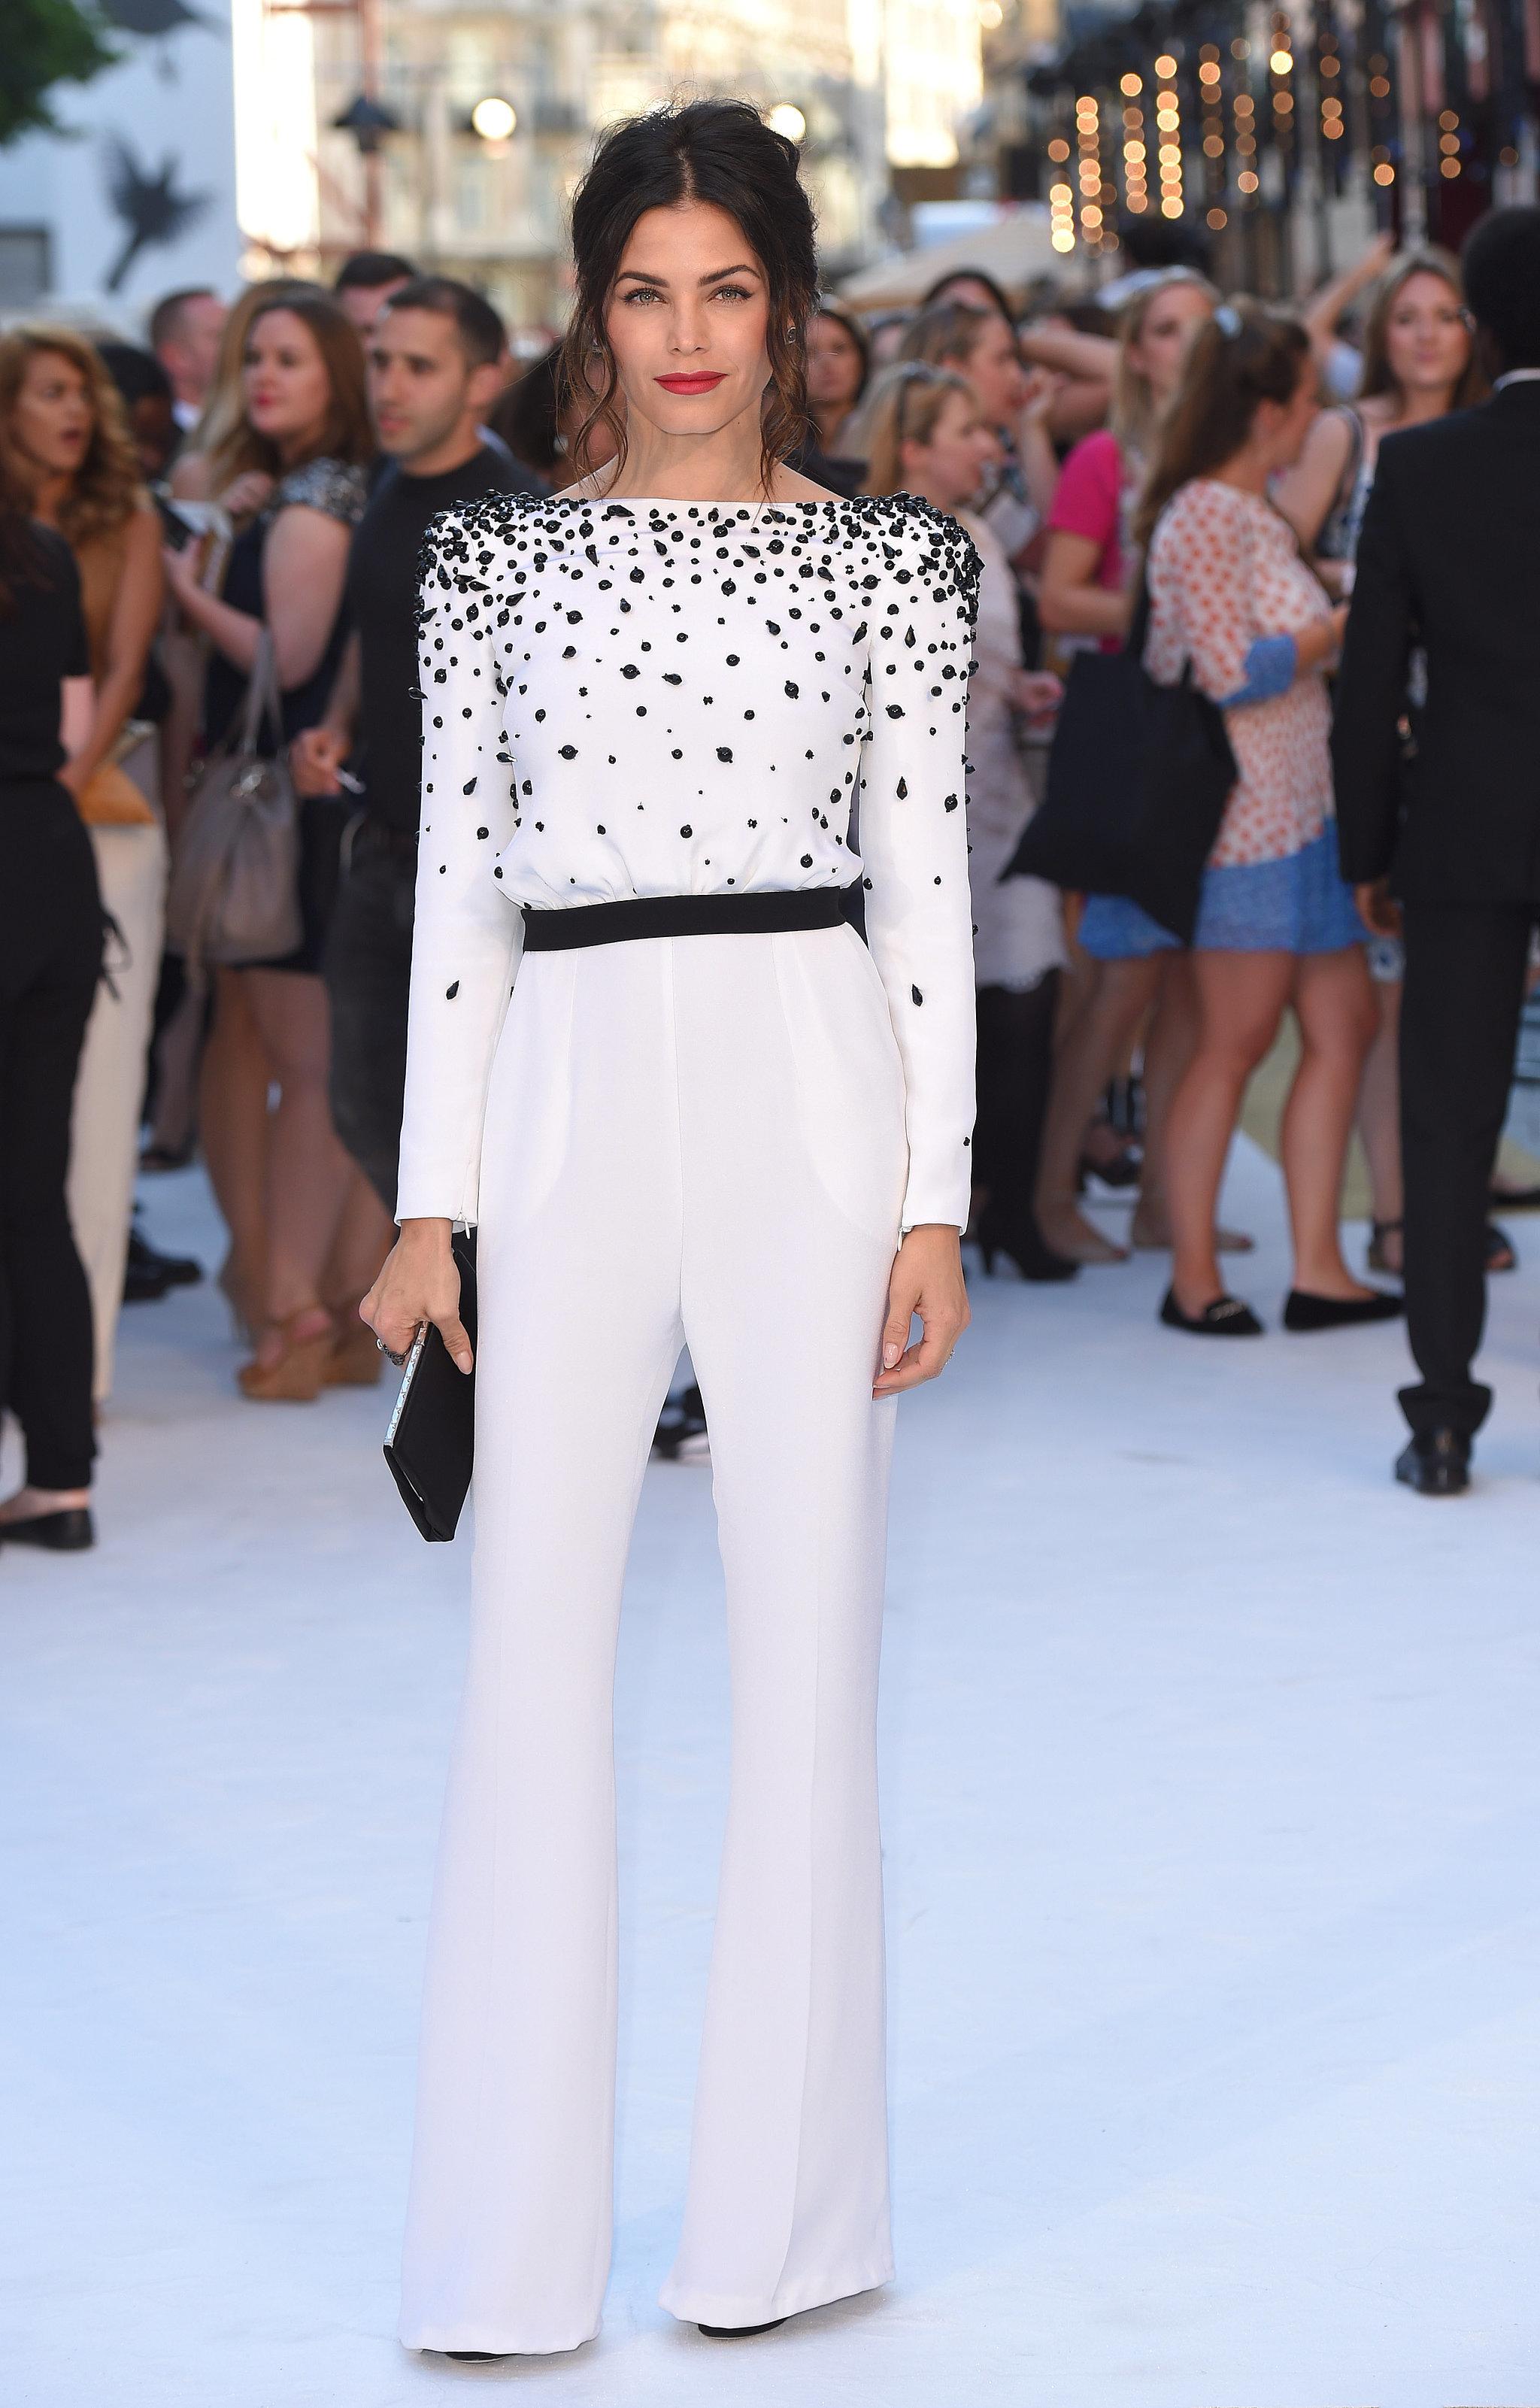 Jenna Dewan Tatum shows off taut post-pregnancy figure